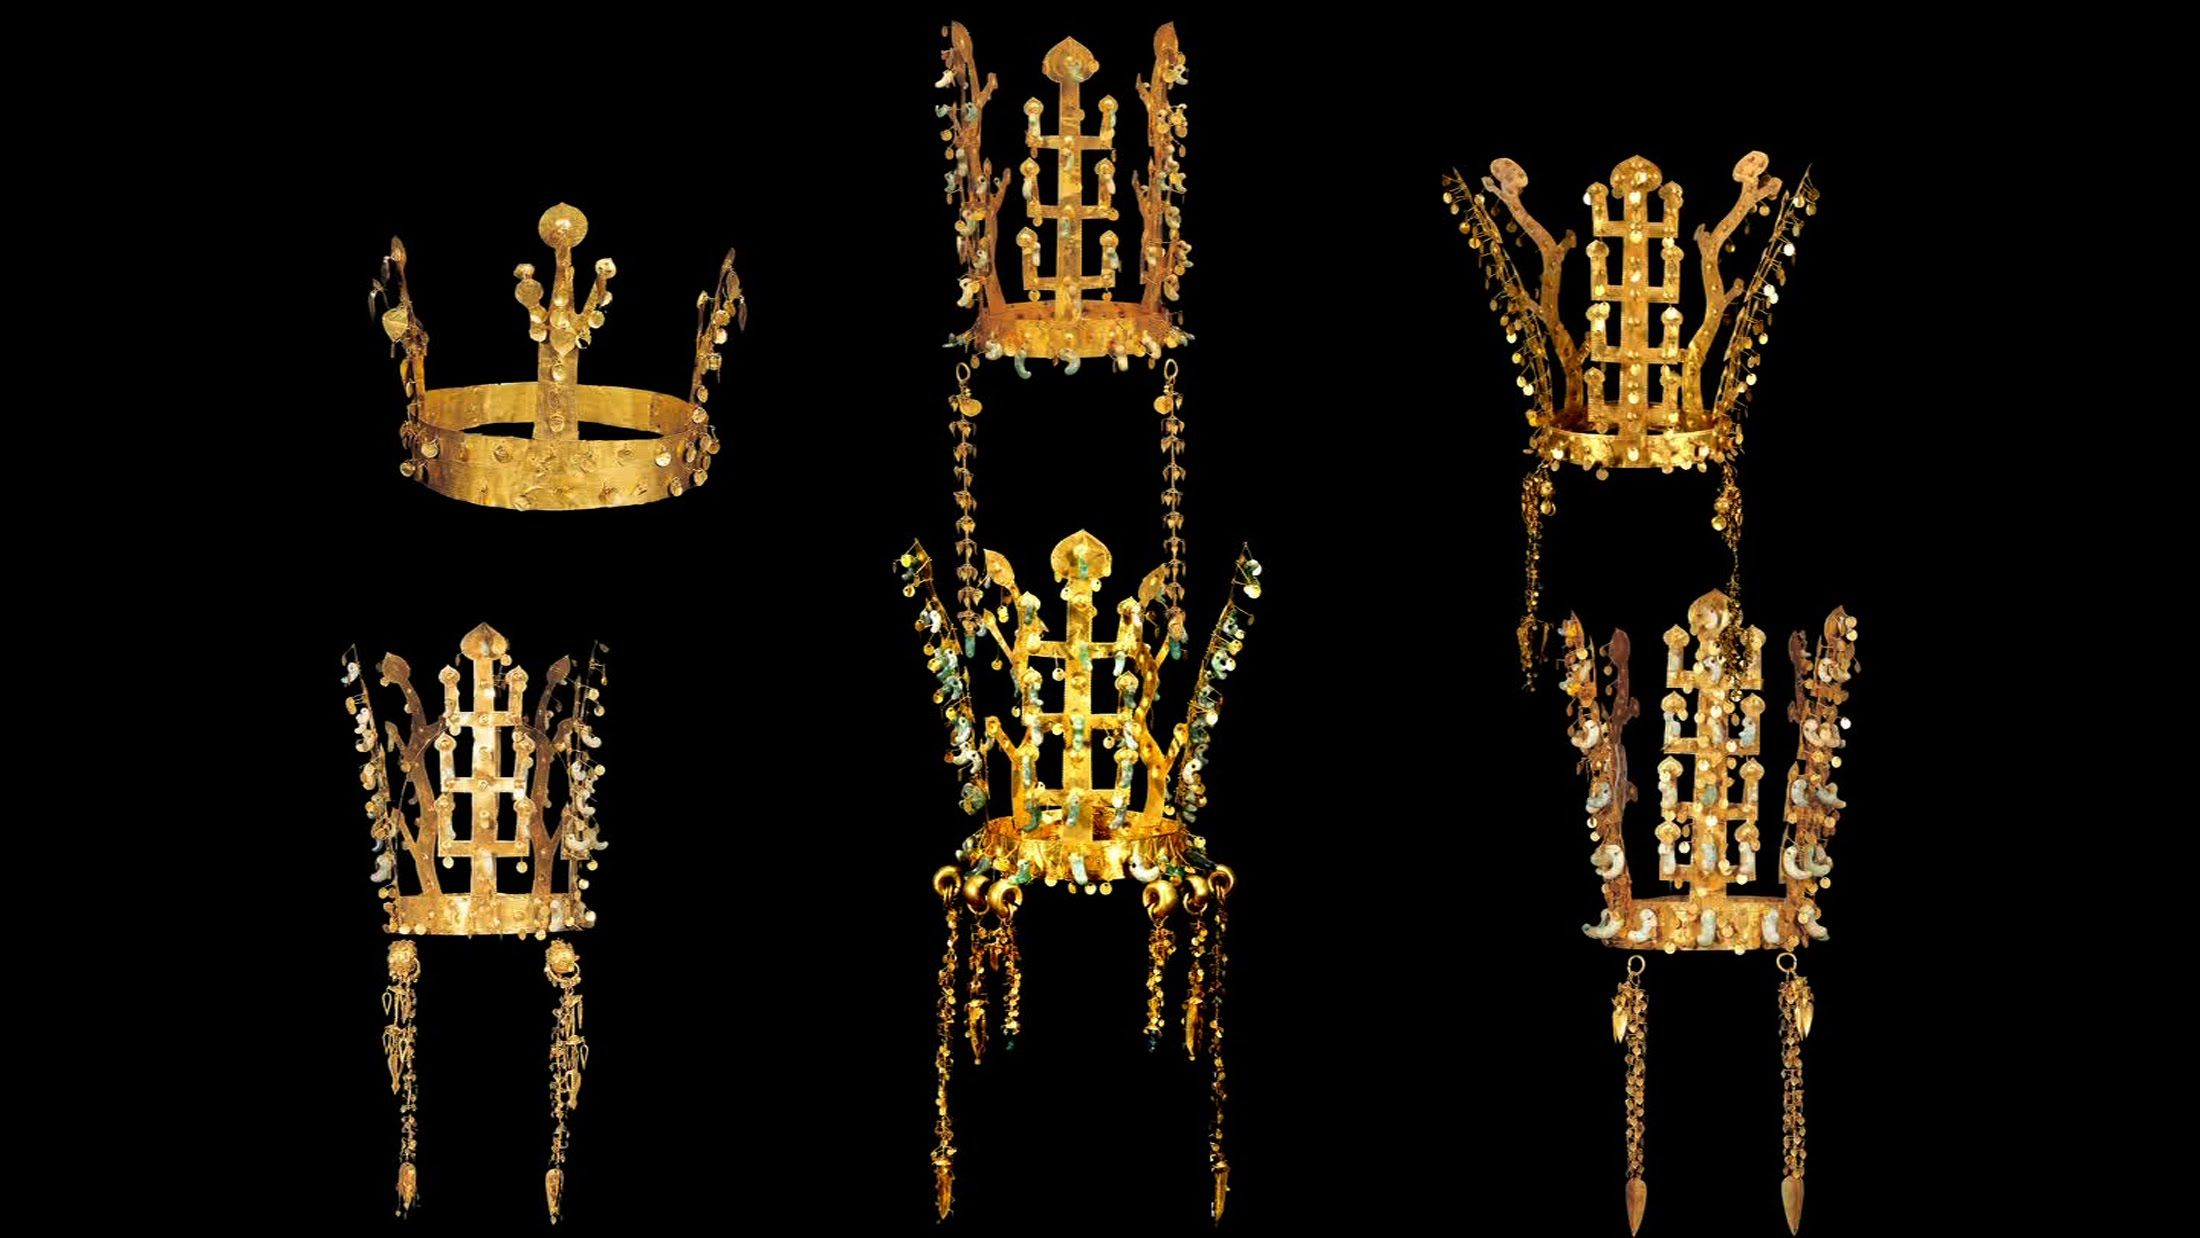 수수께끼의 나라 신라 금관의 비밀 Gold Kingdom Silla 3 10 금관 고고학 문화